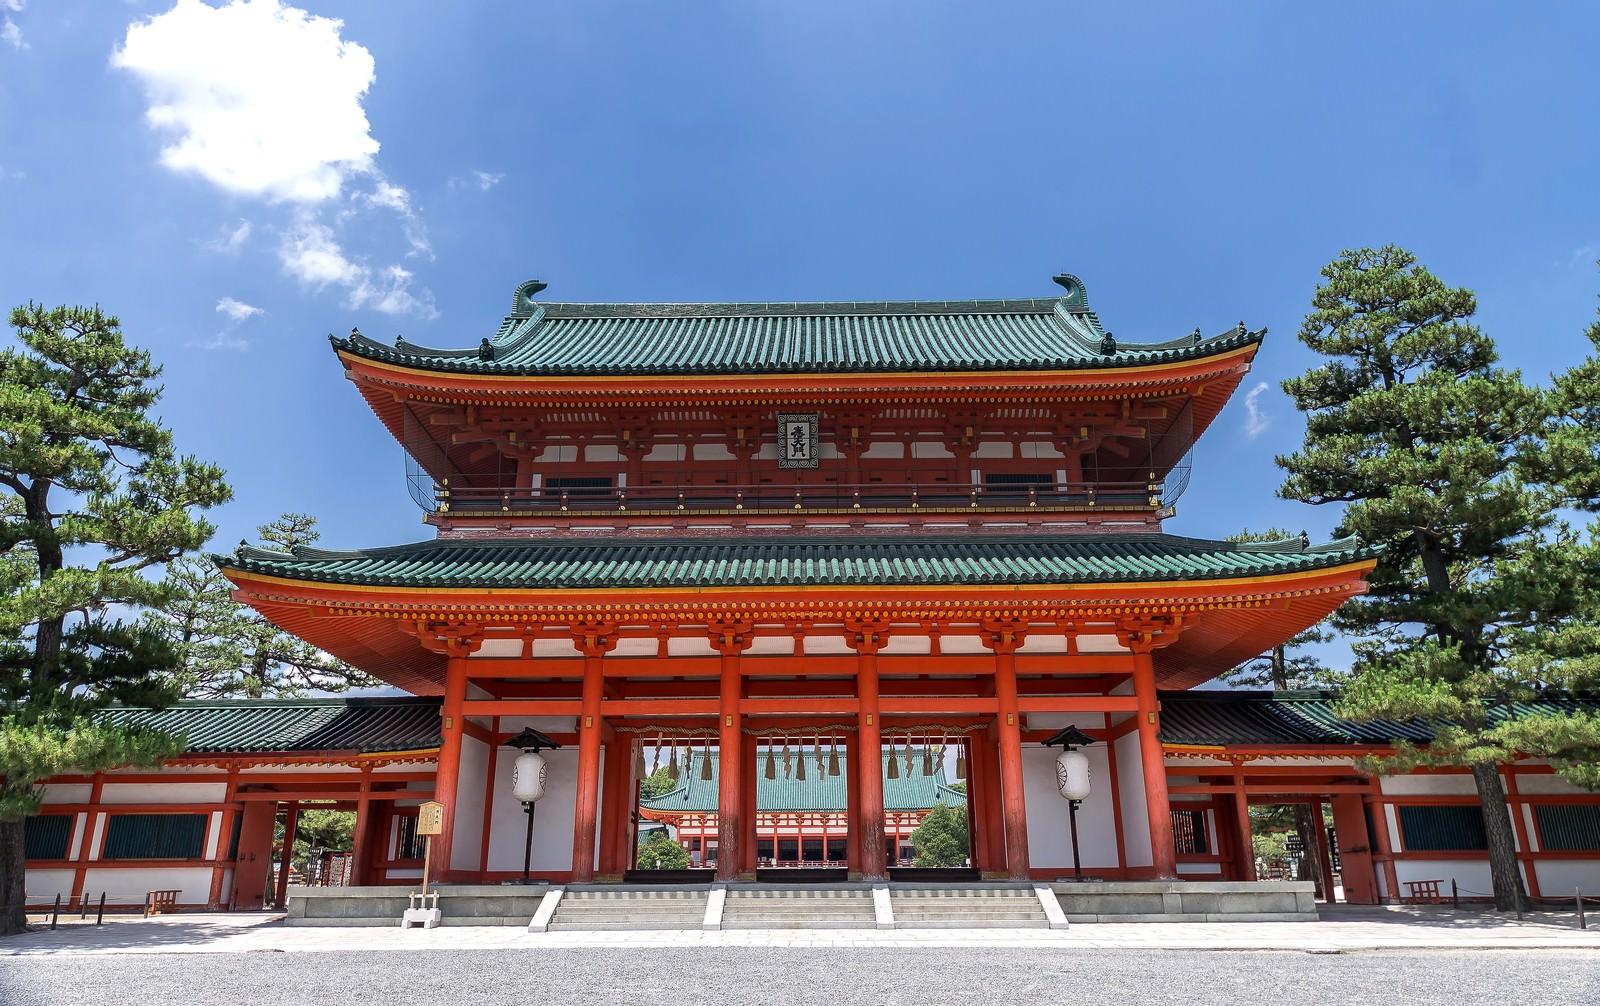 「平安神宮平安神宮」のフリー写真素材を拡大